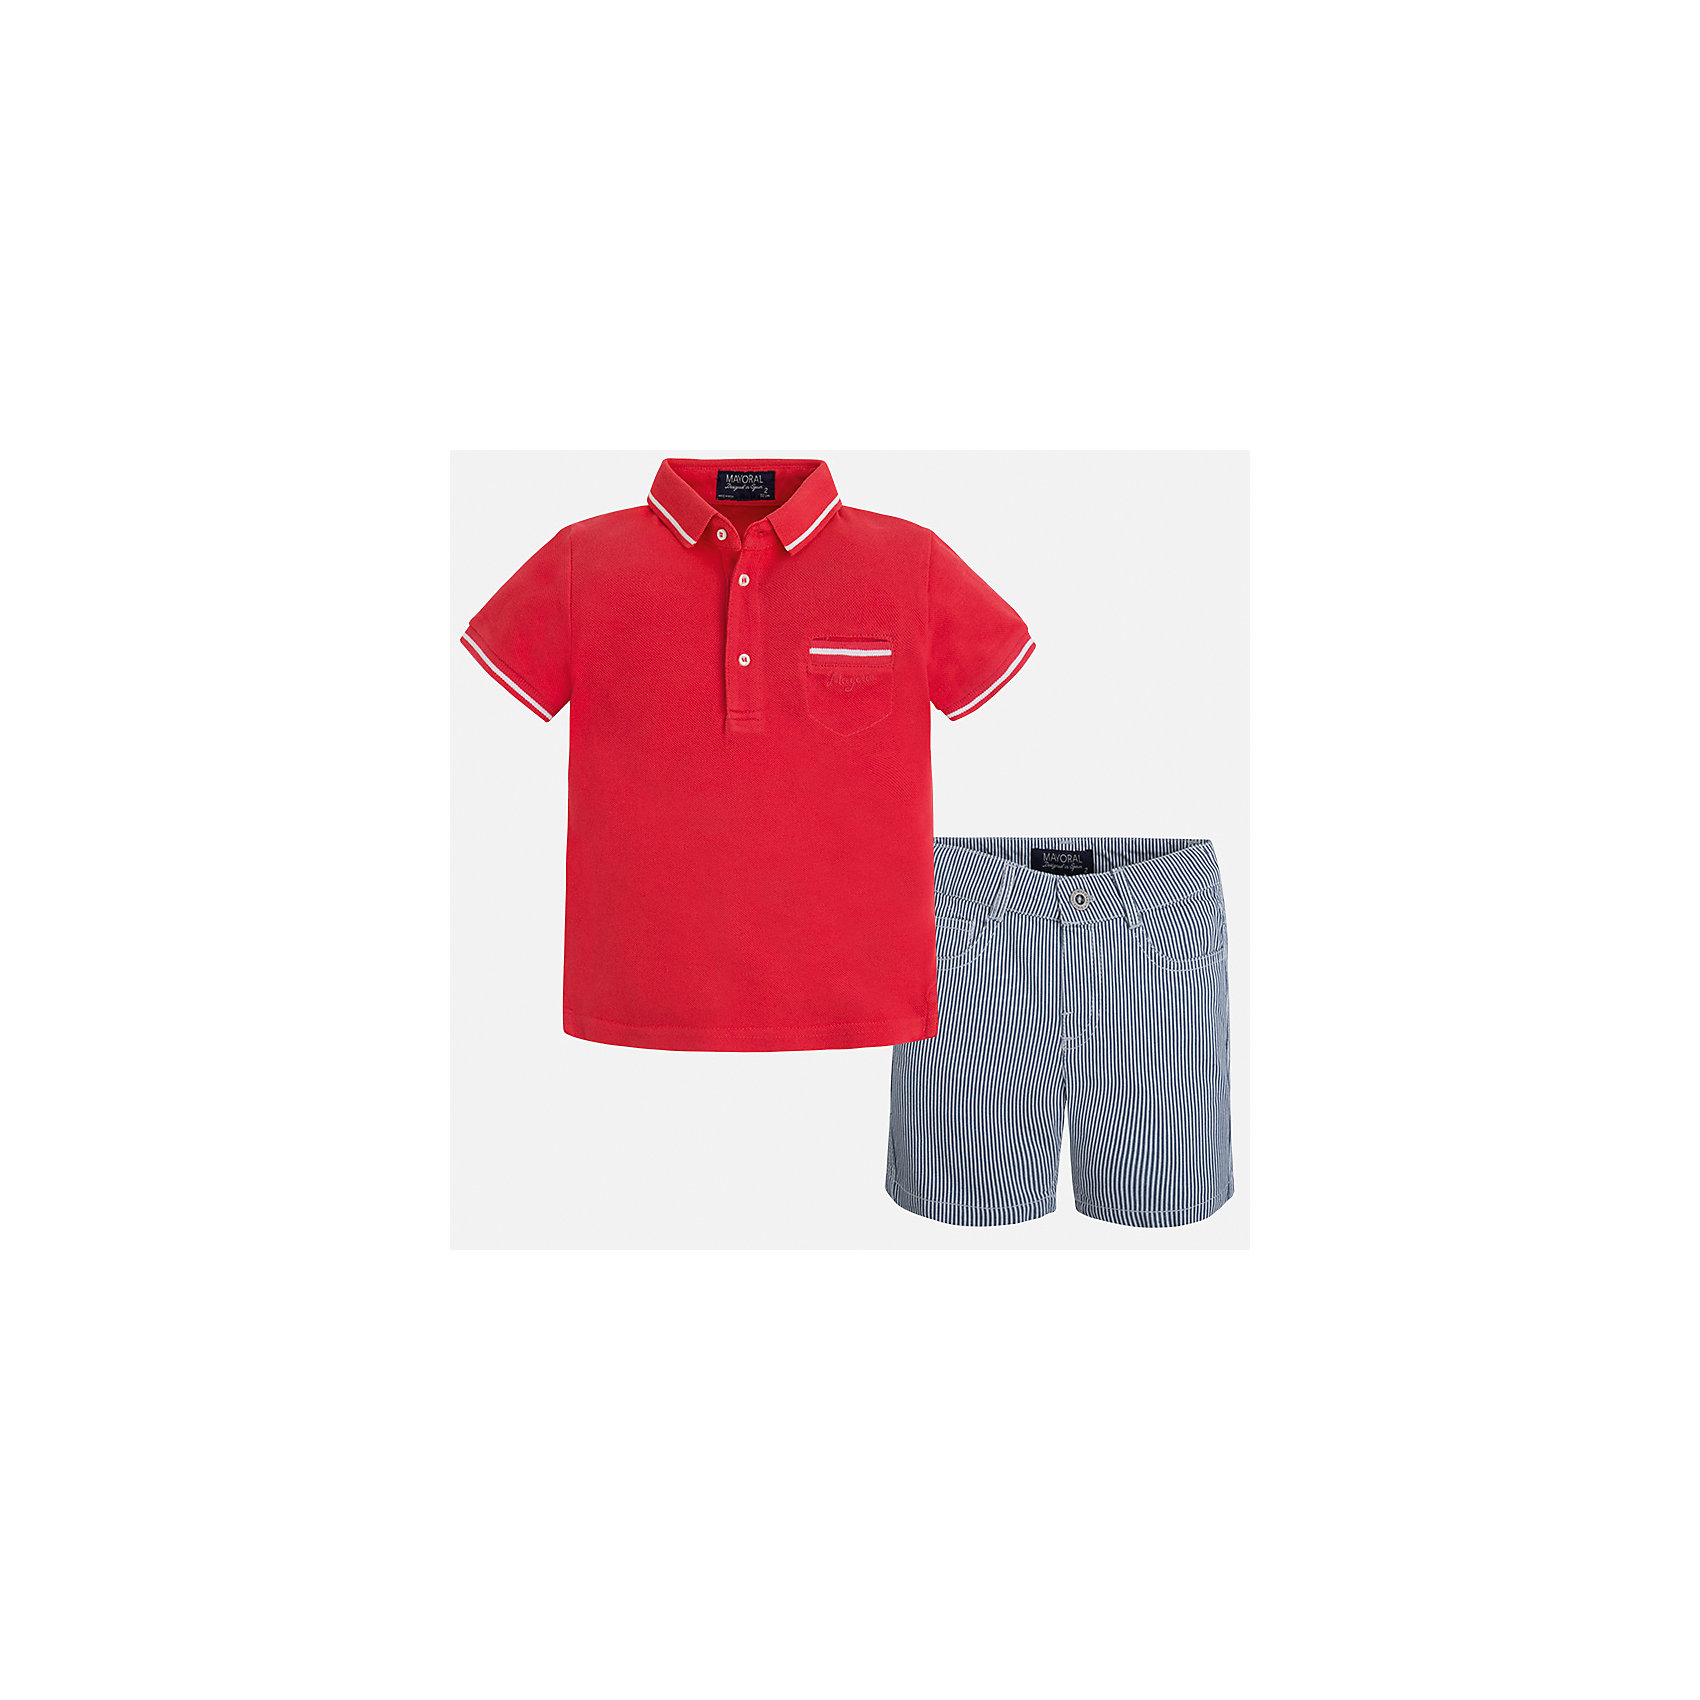 Комплект: Футболка-поло и шорты для мальчика MayoralХарактеристики товара:<br><br>• цвет: красный/серый<br>• состав: 100% хлопок<br>• комплектация: футболка, шорты<br>• футболка-поло с карманом<br>• отложной воротник, короткие рукава<br>• шорты с карманами<br>• шлевки<br>• пояс регулируется<br>• страна бренда: Испания<br><br>Красивый качественный комплект для мальчика поможет разнообразить гардероб ребенка и удобно одеться в теплую погоду. Он отлично сочетается с другими предметами. Универсальный цвет позволяет подобрать к вещам верхнюю одежду практически любой расцветки. Интересная отделка модели делает её нарядной и оригинальной. В составе материала - только натуральный хлопок, гипоаллергенный, приятный на ощупь, дышащий.<br><br>Одежда, обувь и аксессуары от испанского бренда Mayoral полюбились детям и взрослым по всему миру. Модели этой марки - стильные и удобные. Для их производства используются только безопасные, качественные материалы и фурнитура. Порадуйте ребенка модными и красивыми вещами от Mayoral! <br><br>Комплект для мальчика от испанского бренда Mayoral (Майорал) можно купить в нашем интернет-магазине.<br><br>Ширина мм: 191<br>Глубина мм: 10<br>Высота мм: 175<br>Вес г: 273<br>Цвет: красный<br>Возраст от месяцев: 24<br>Возраст до месяцев: 36<br>Пол: Мужской<br>Возраст: Детский<br>Размер: 98,92,104,134,128,122,116,110<br>SKU: 5272765